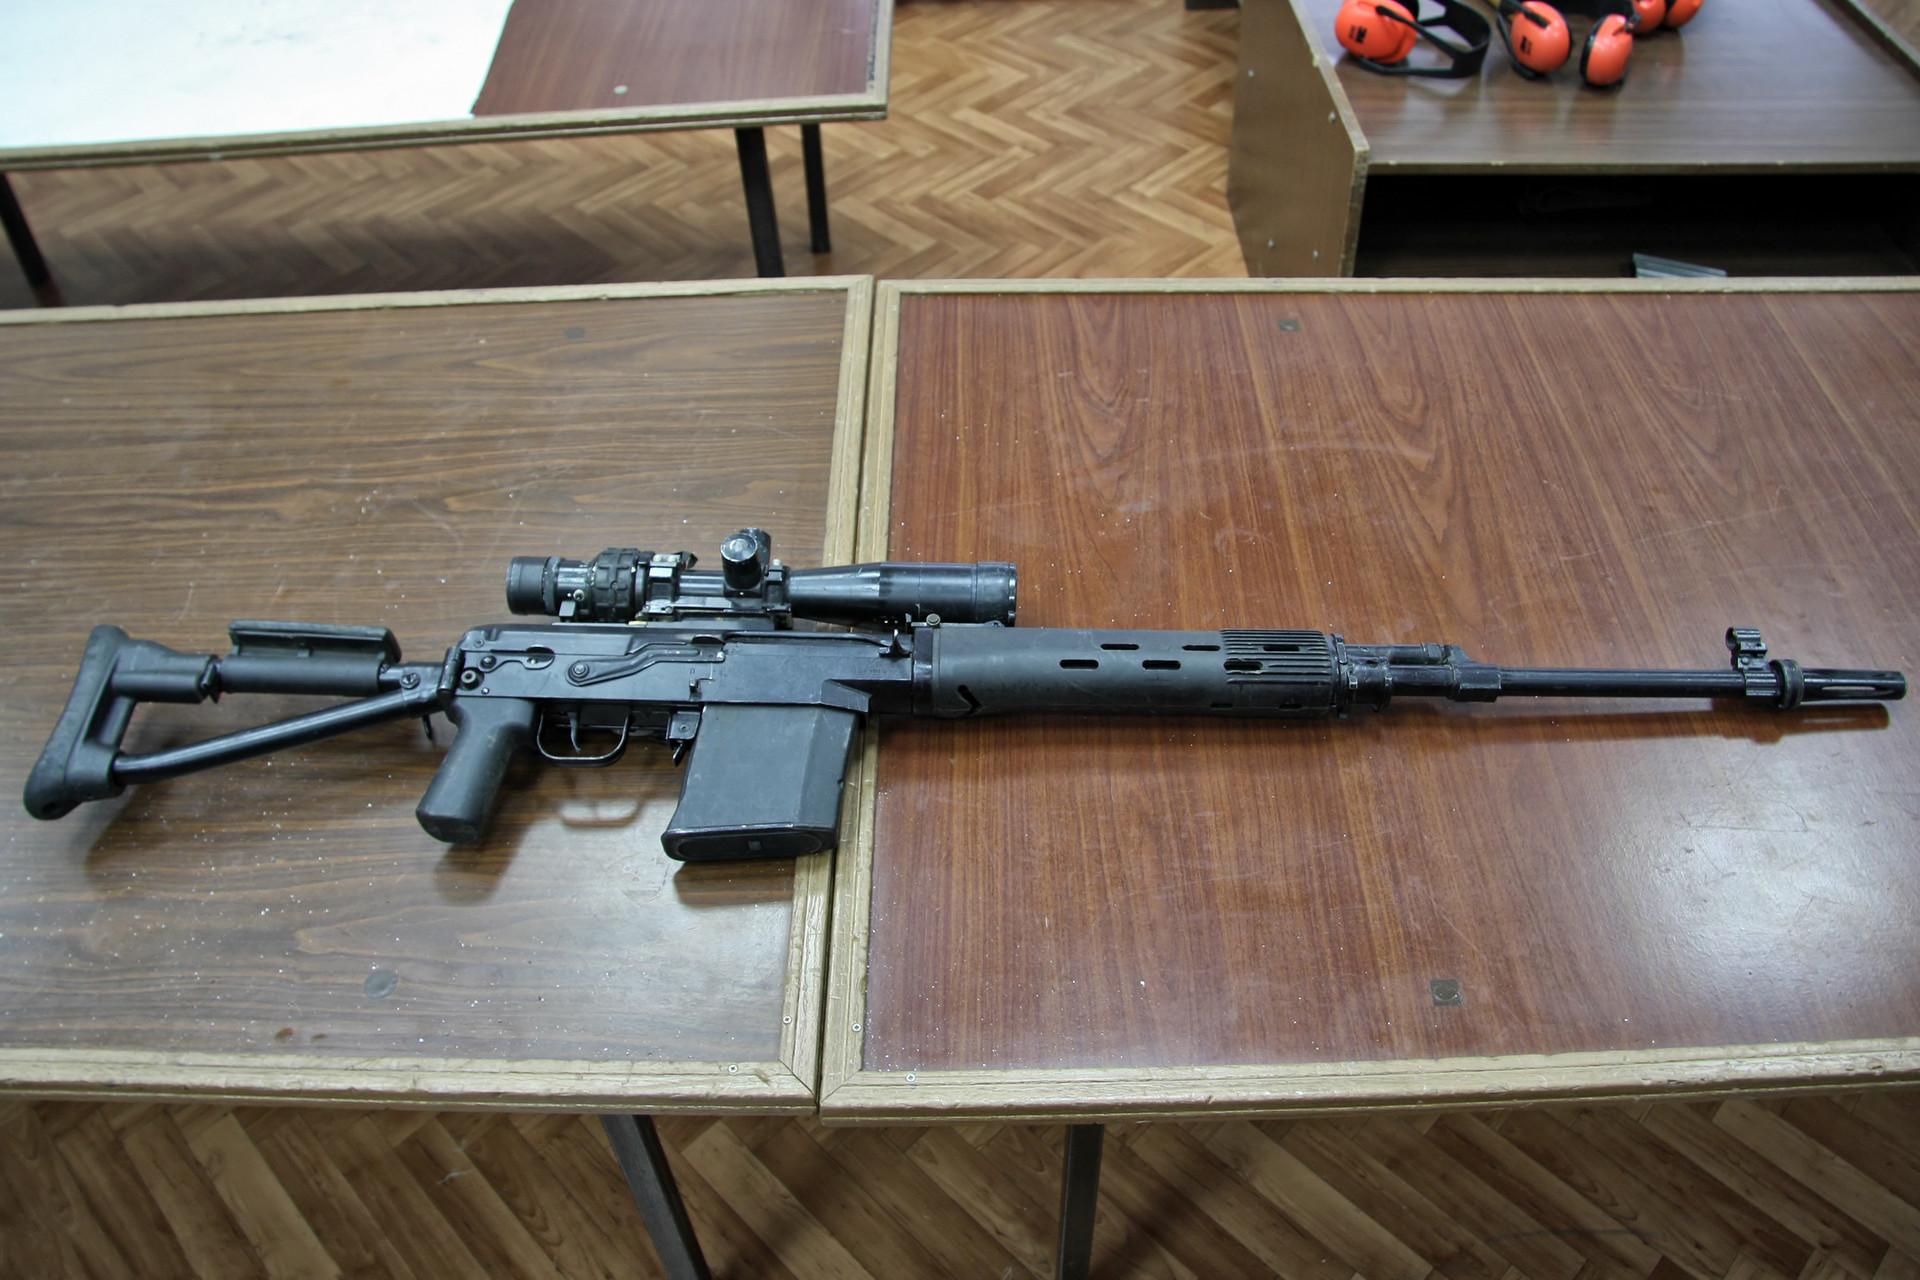 Snajperska puška SVDK